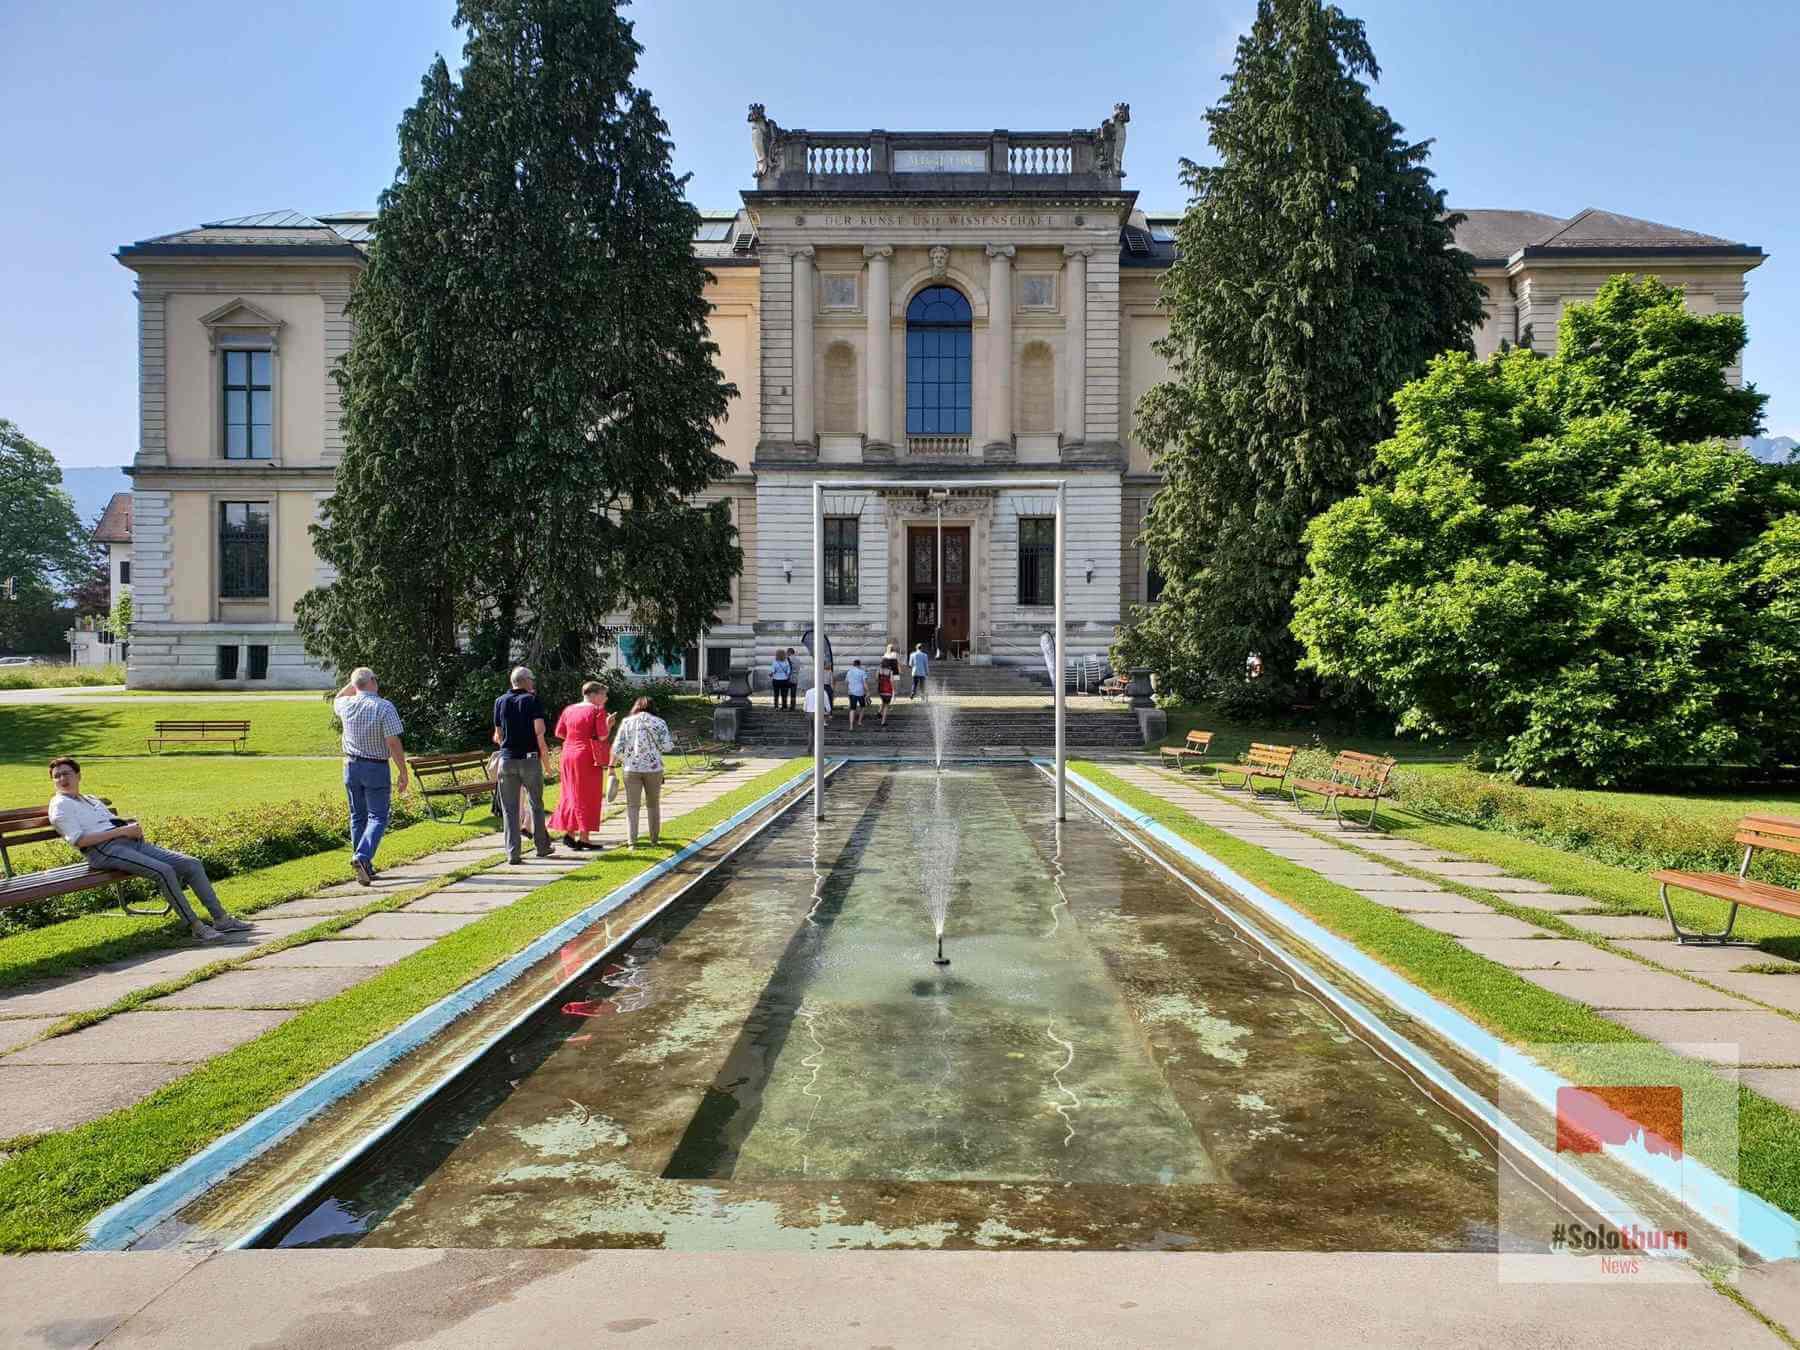 Kunstmuseum Solothurn